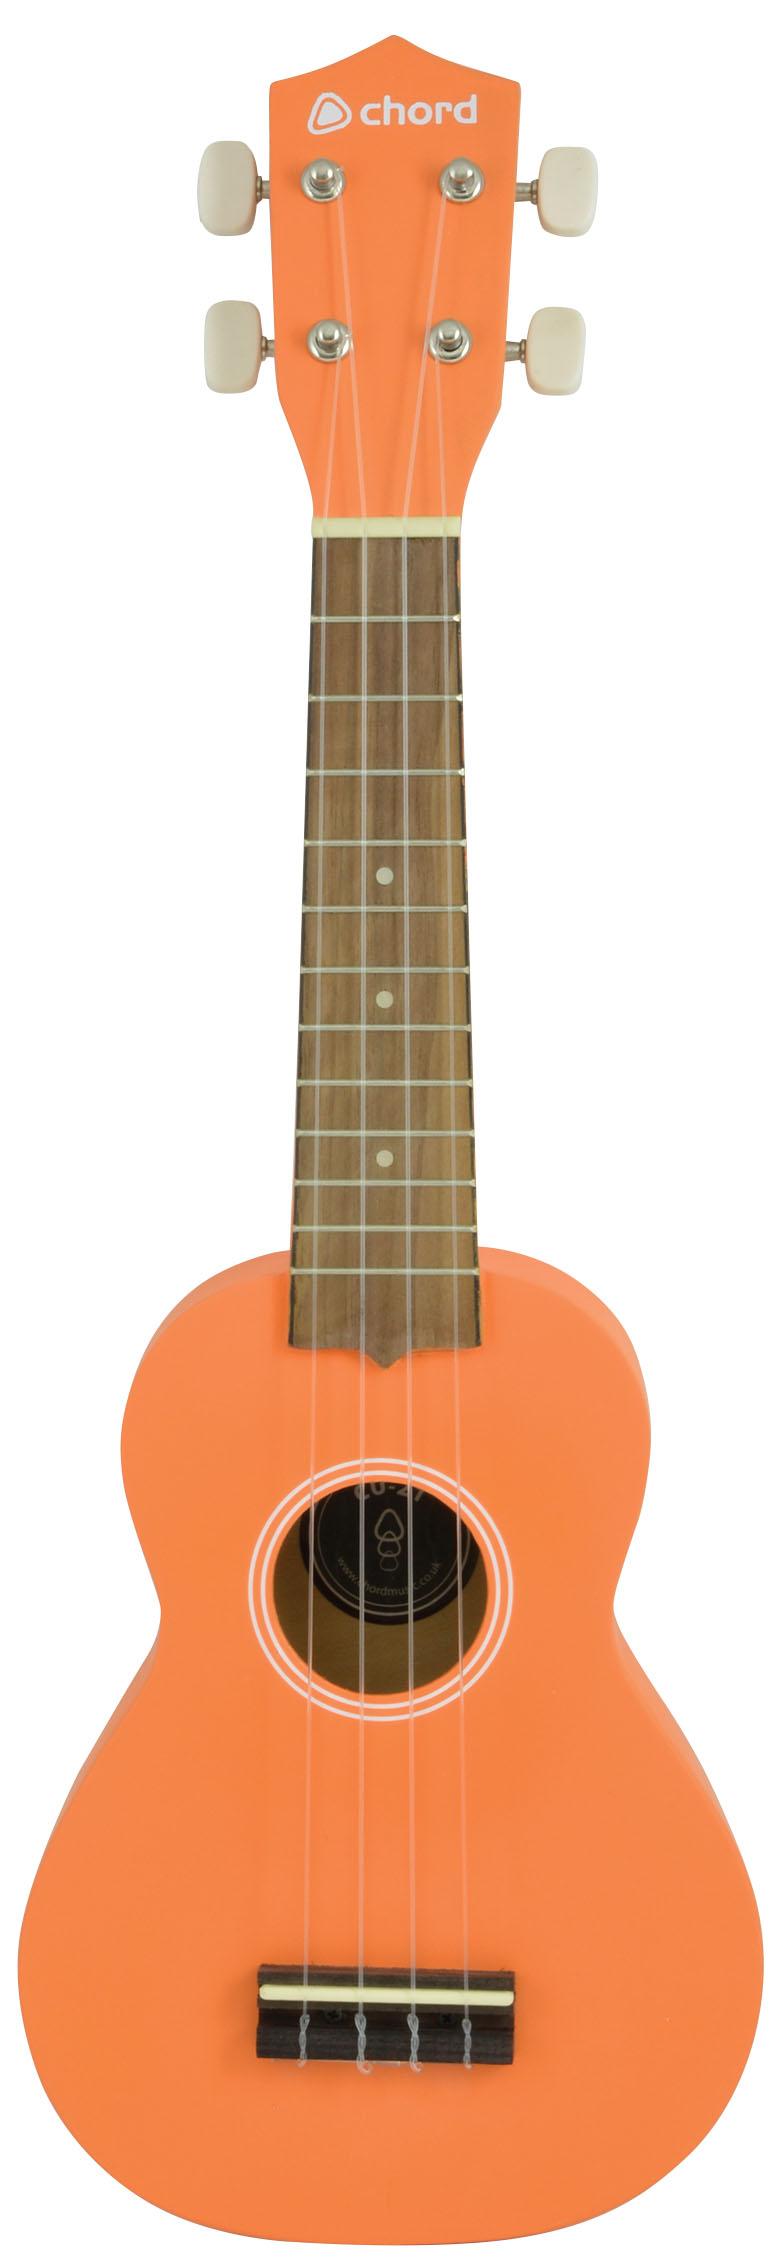 chord cu21 soprano ukulele guitar music instrument orange buy online. Black Bedroom Furniture Sets. Home Design Ideas